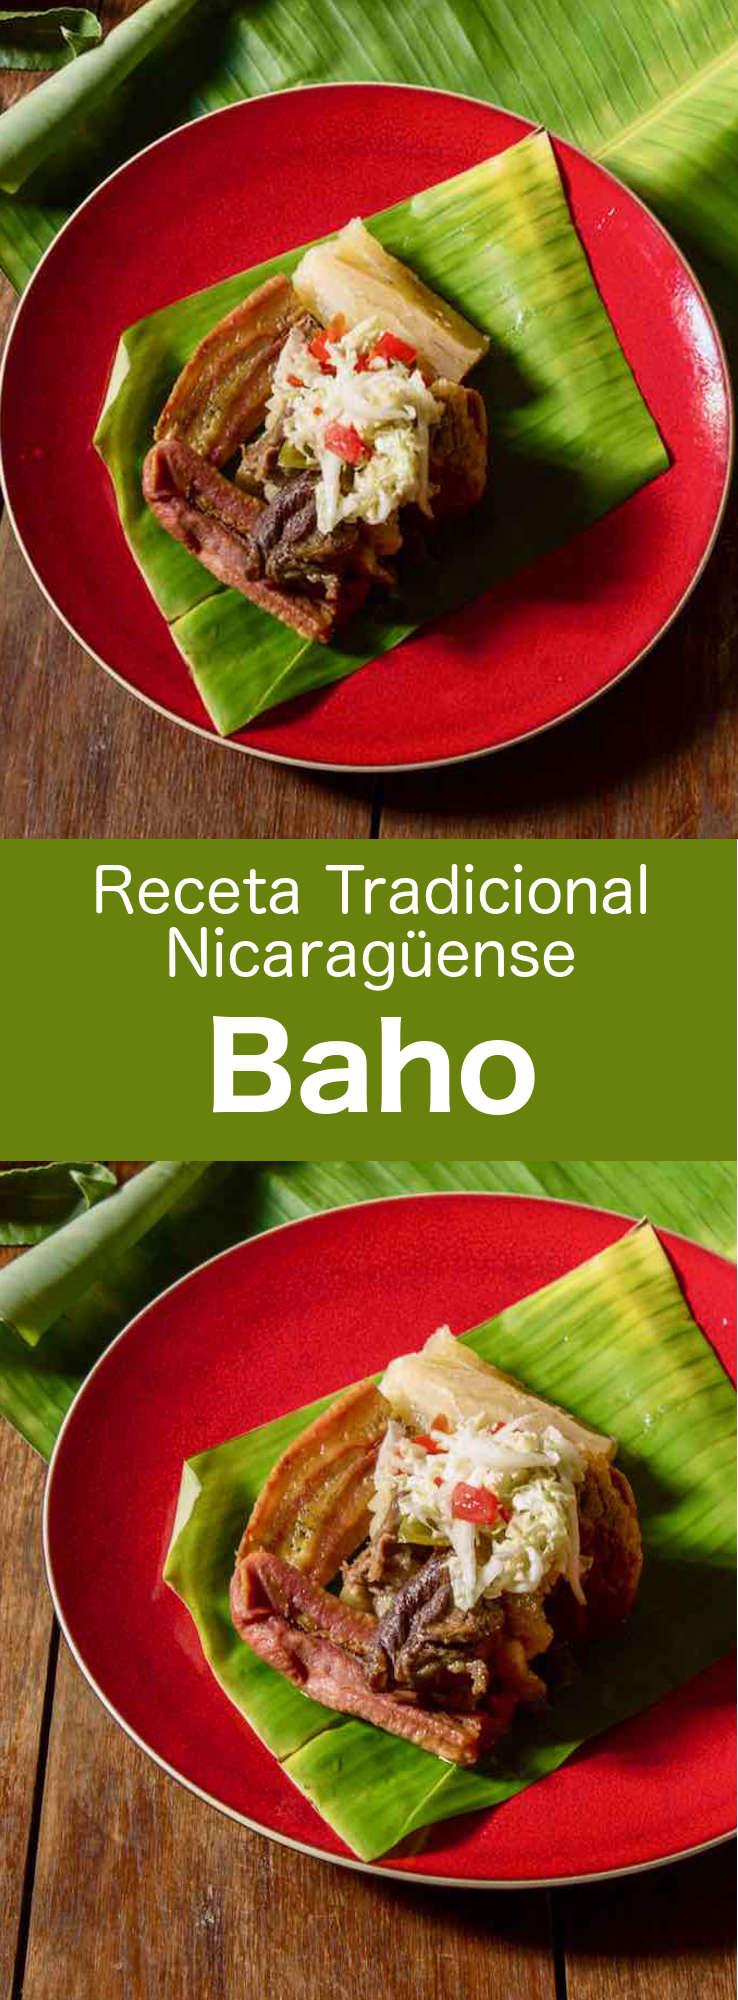 El baho (o vaho) es una receta tradicional nicaragüense que se prepara con carne de vaca, plátanos y yuca, y que se cocina en hojas de plátano. #Nicaragua #RecetaDeNicaragua